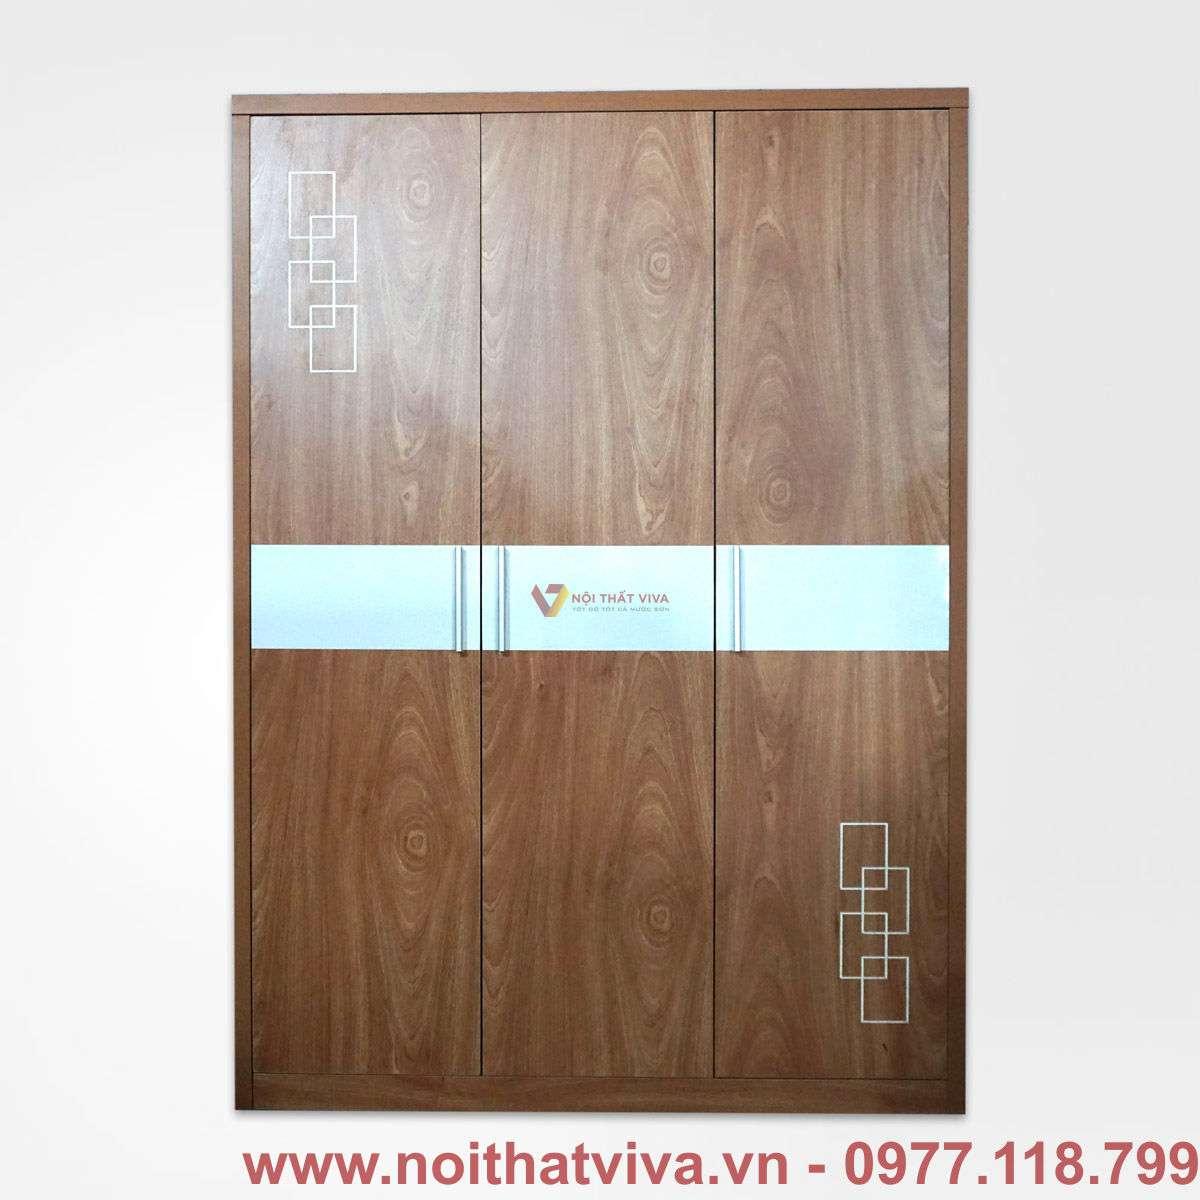 tủ áo mfc màu xoan đào hiện đại đẹp giá rẻ